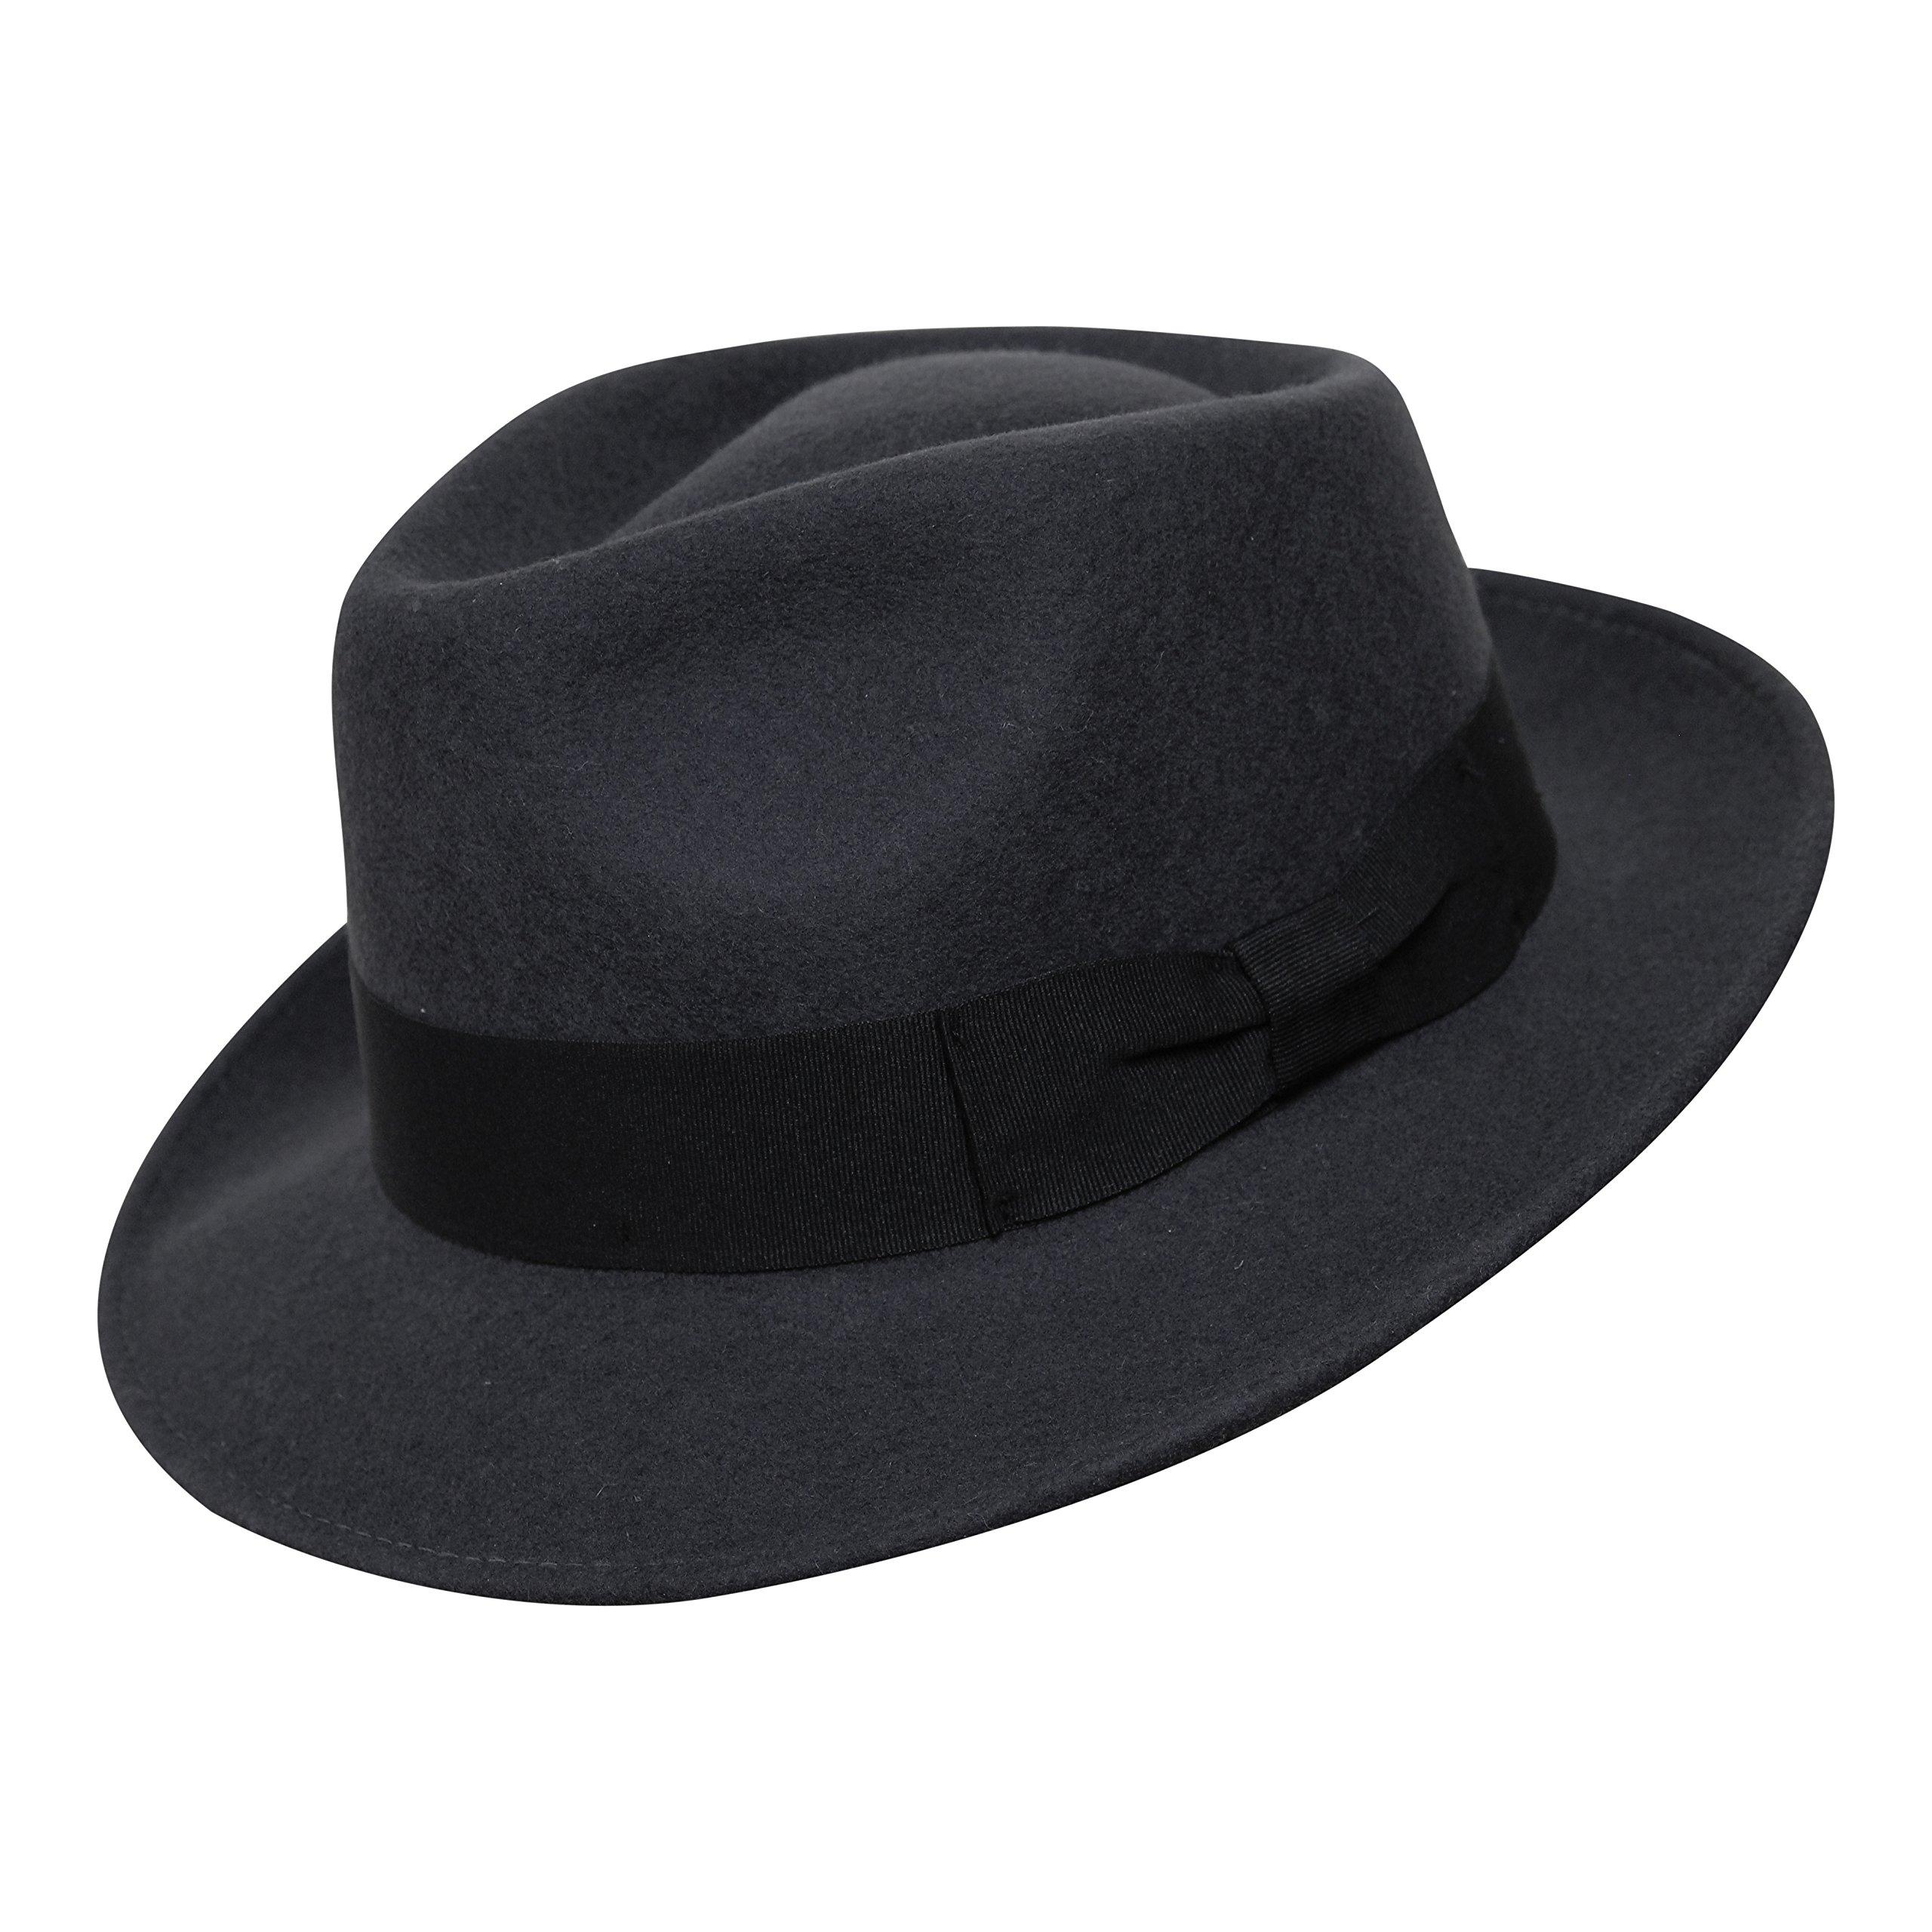 B S Premium Doyle- Cappello a Goccia Fedora-100% Feltro di Lana-  Ripiegabile in Viaggio- Impermeabile- Unisex 6552b8e07dec